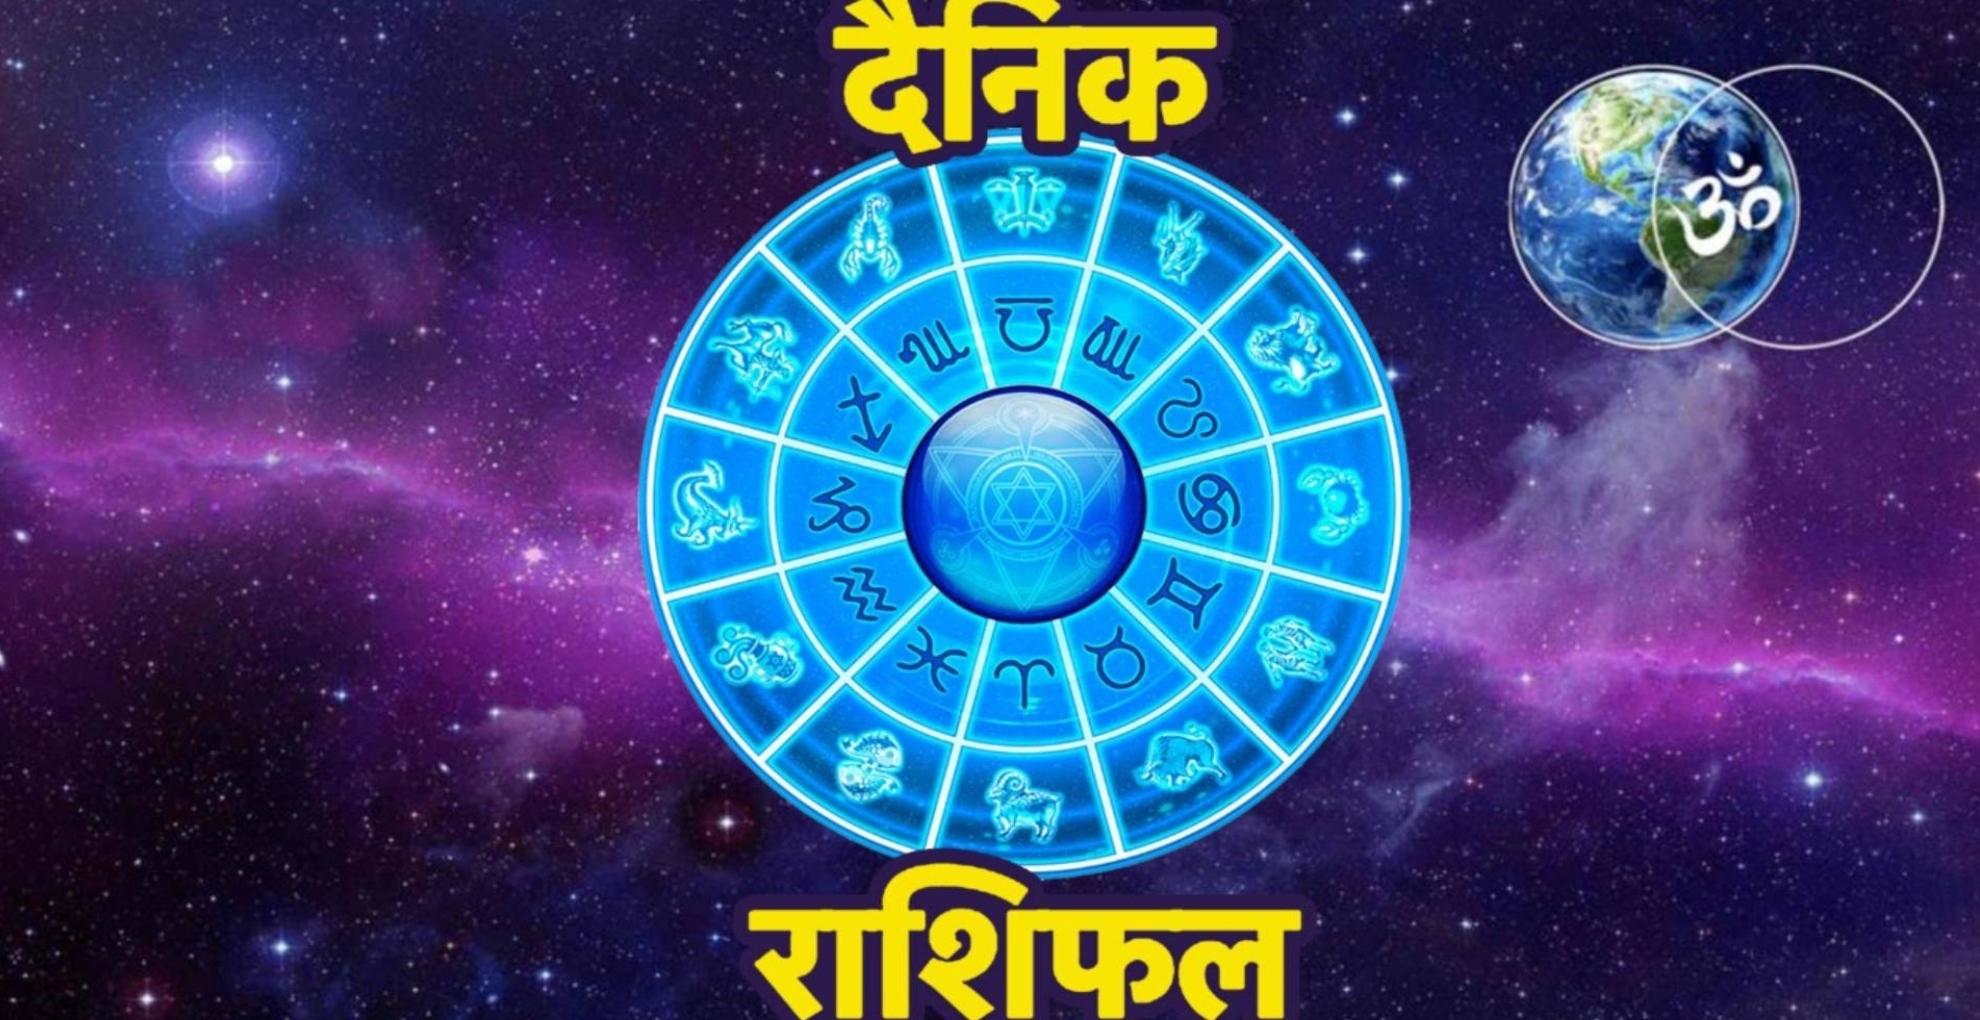 Daily Horoscope 29 August, 2019: कन्या-कुंभ राशि वालों का भाग्य देगा साथ, जानिए किन राशियों की खुलेगी किस्मत